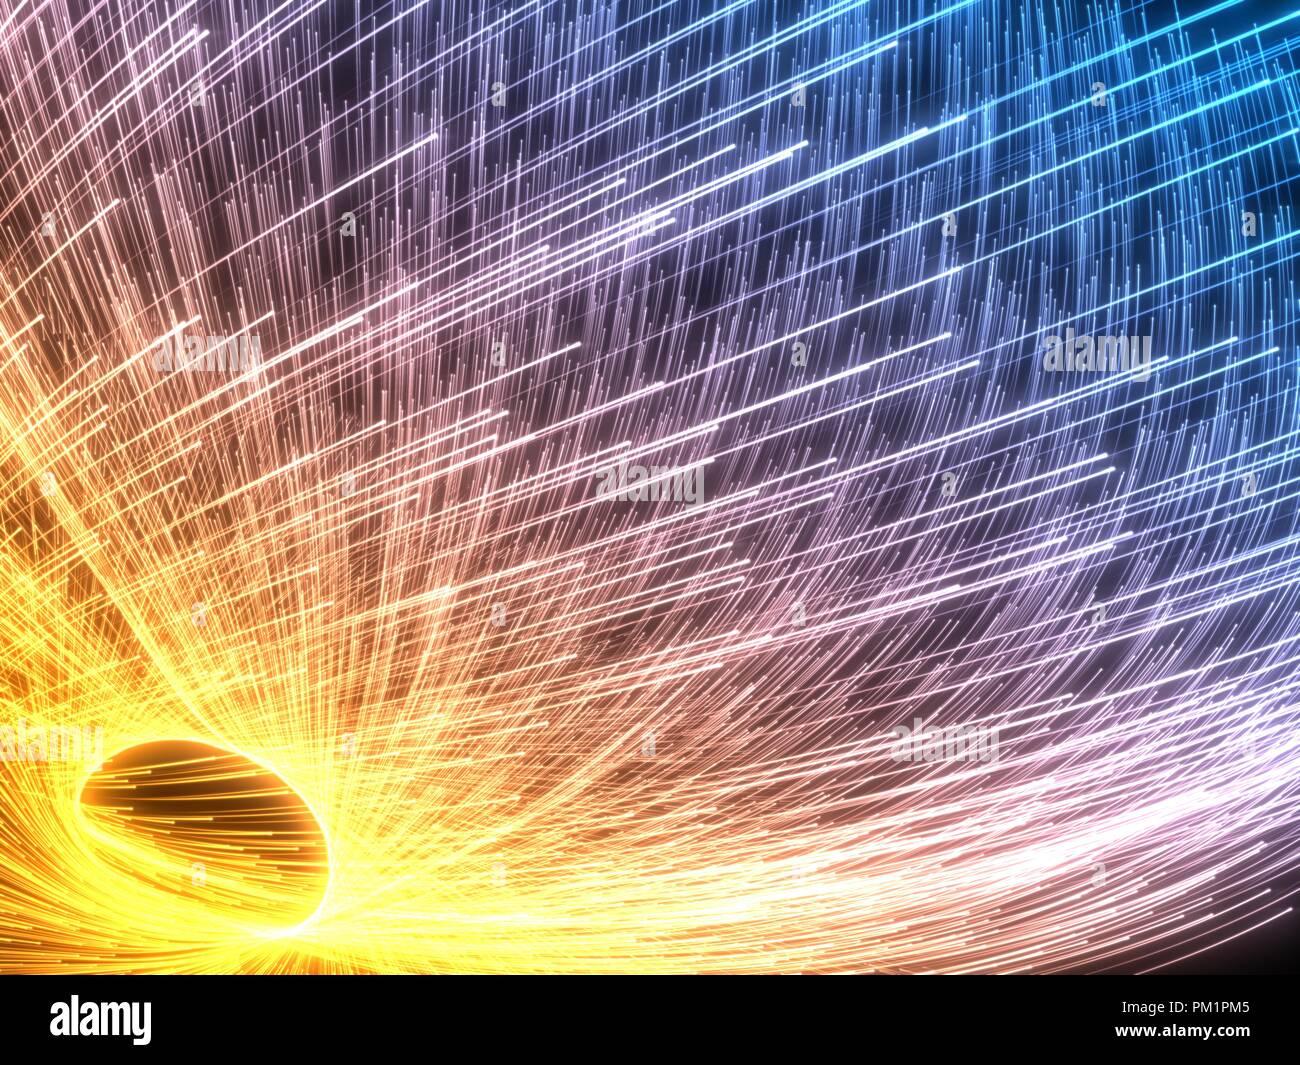 Enjambre de partículas que fluyen con brillantes estelas. Ilustración 3d. Foto de stock